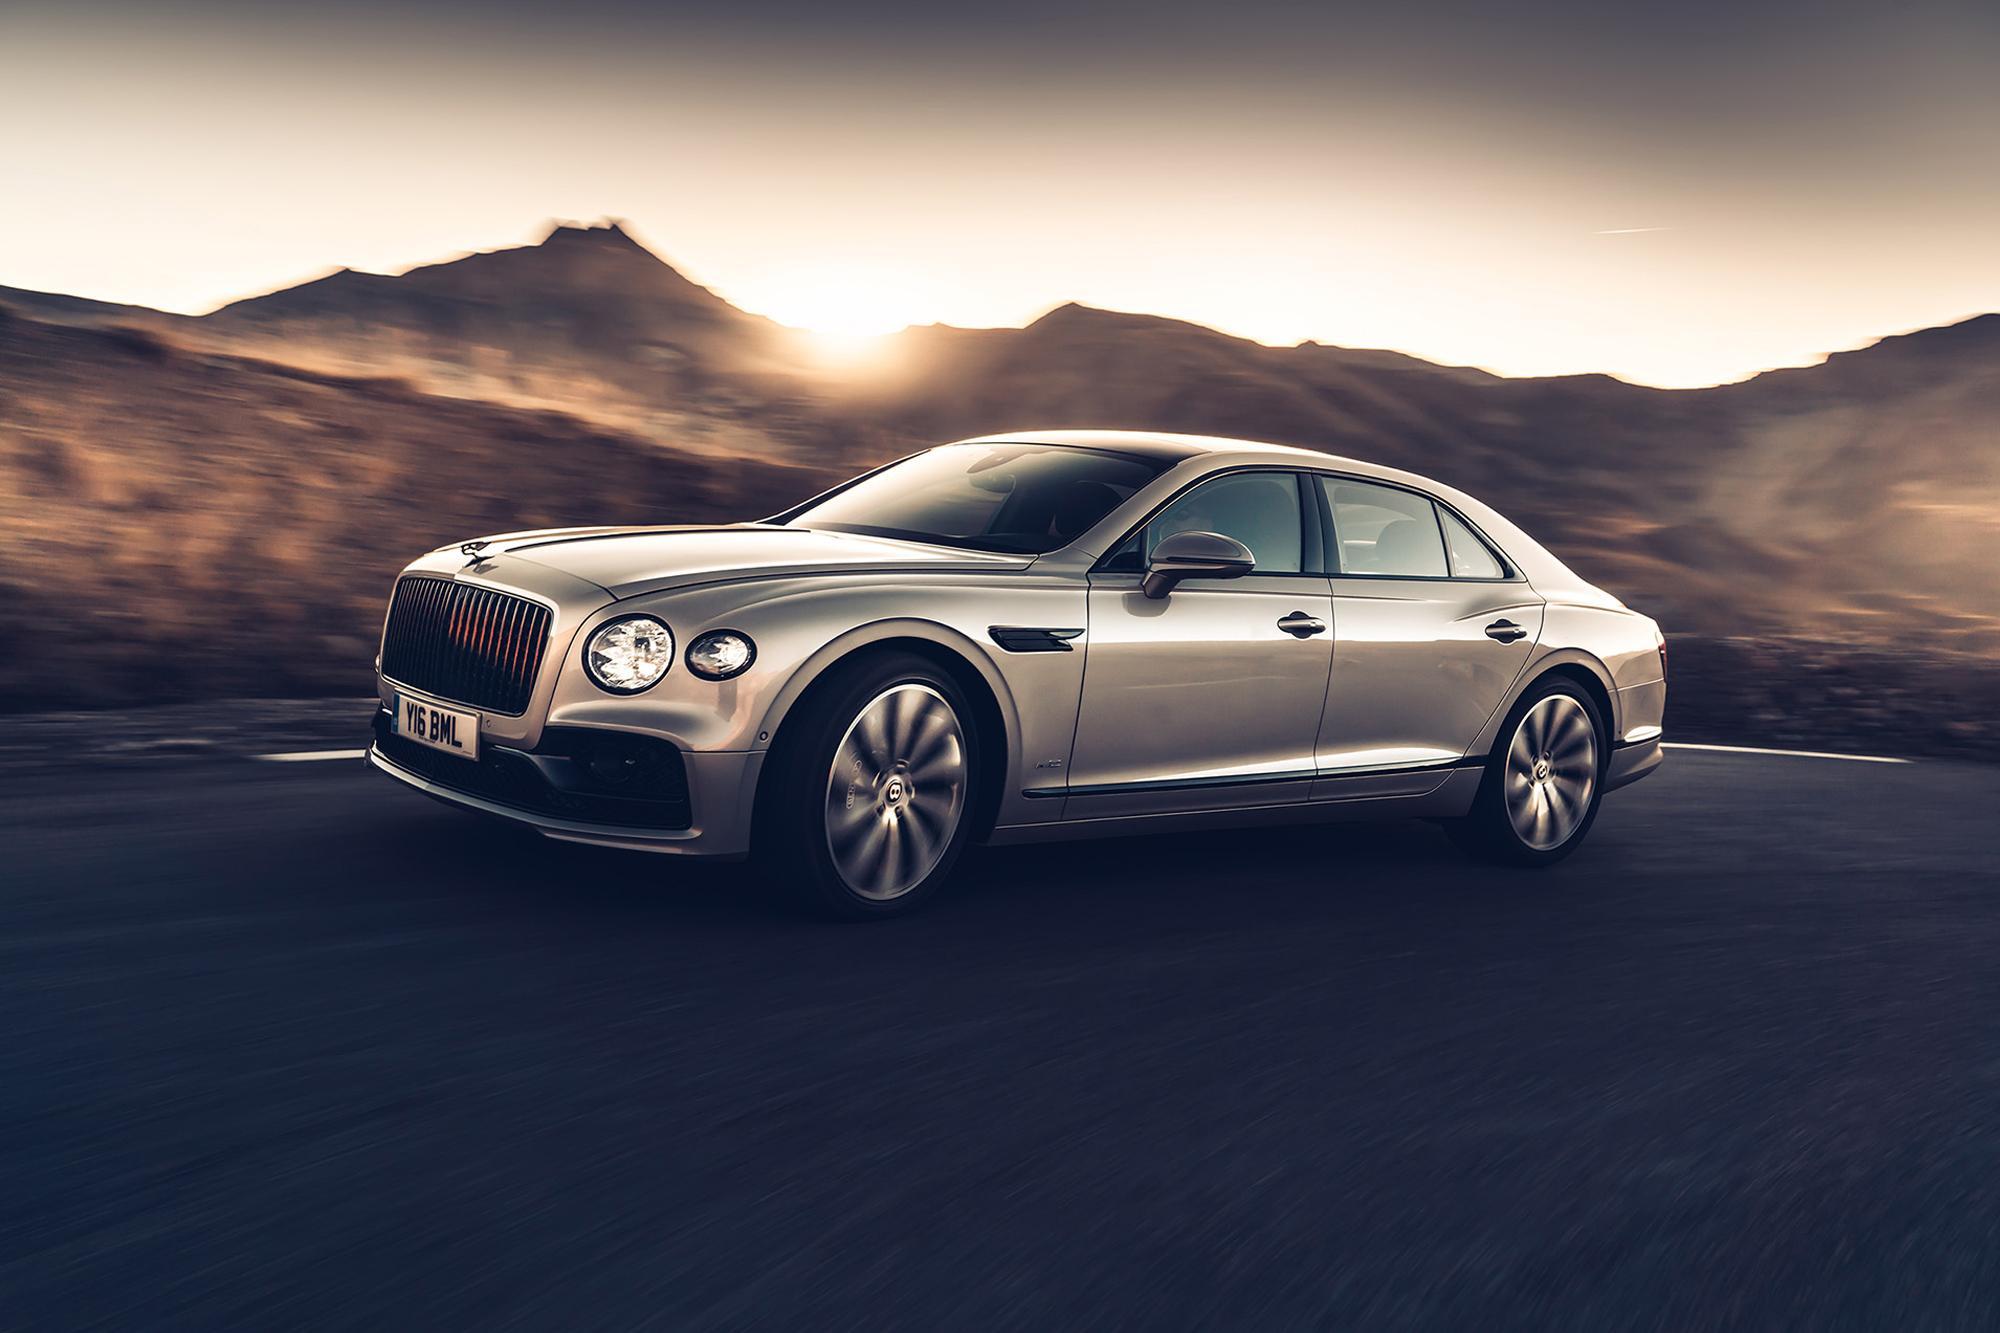 Παγκόσμια πρωτιά της Bentley με τρισδιάστατα  πάνελ ξύλου στη νέα Flying Spur